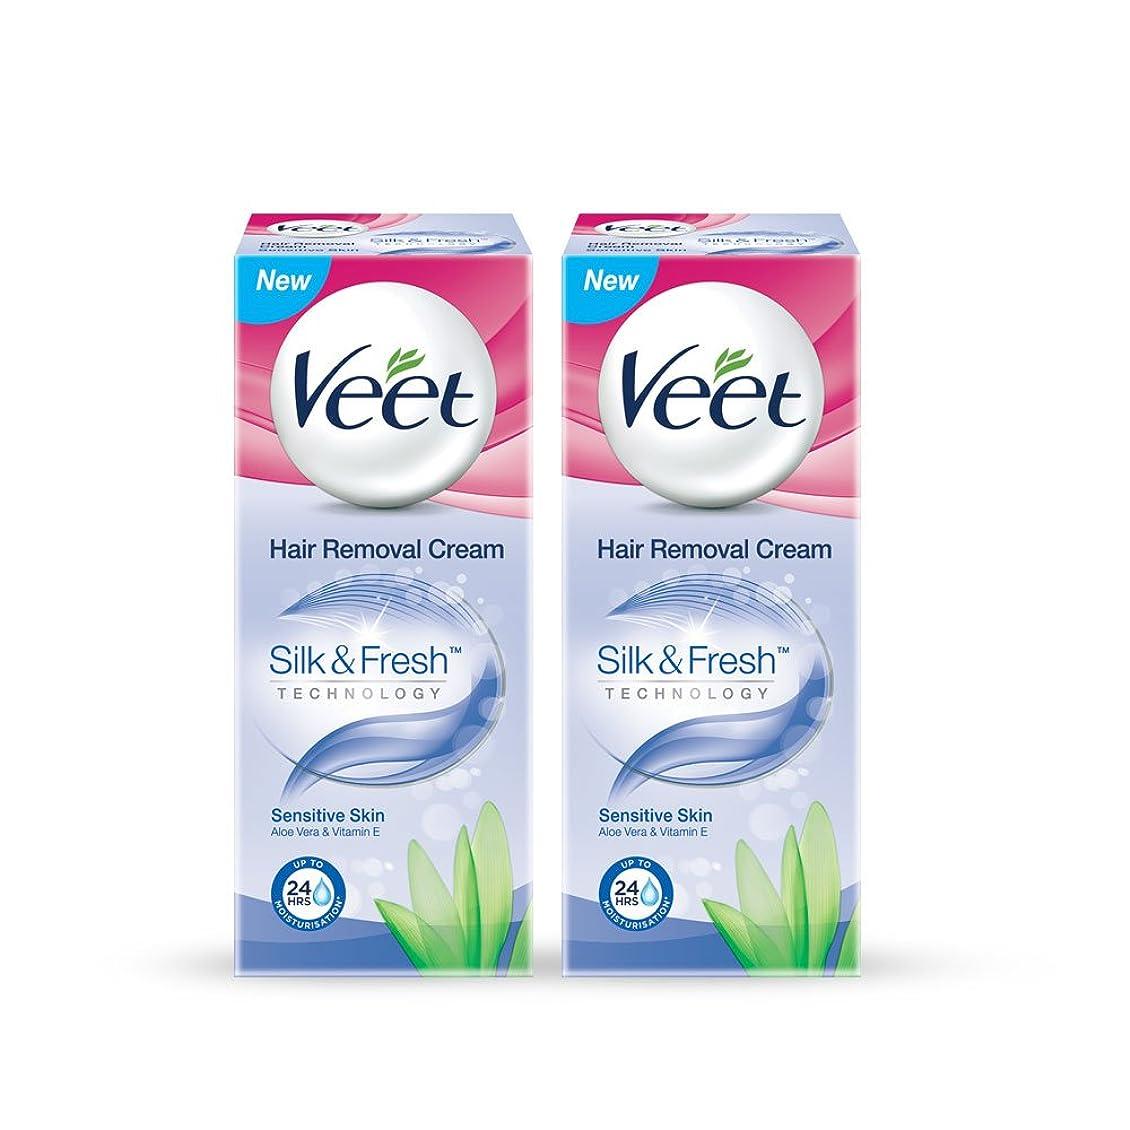 カート楽観的活力Veet Hair Removal Gel Cream For Sensitive Skin With Aloe Vera and Vitamin E 25 g (Pack of 2)